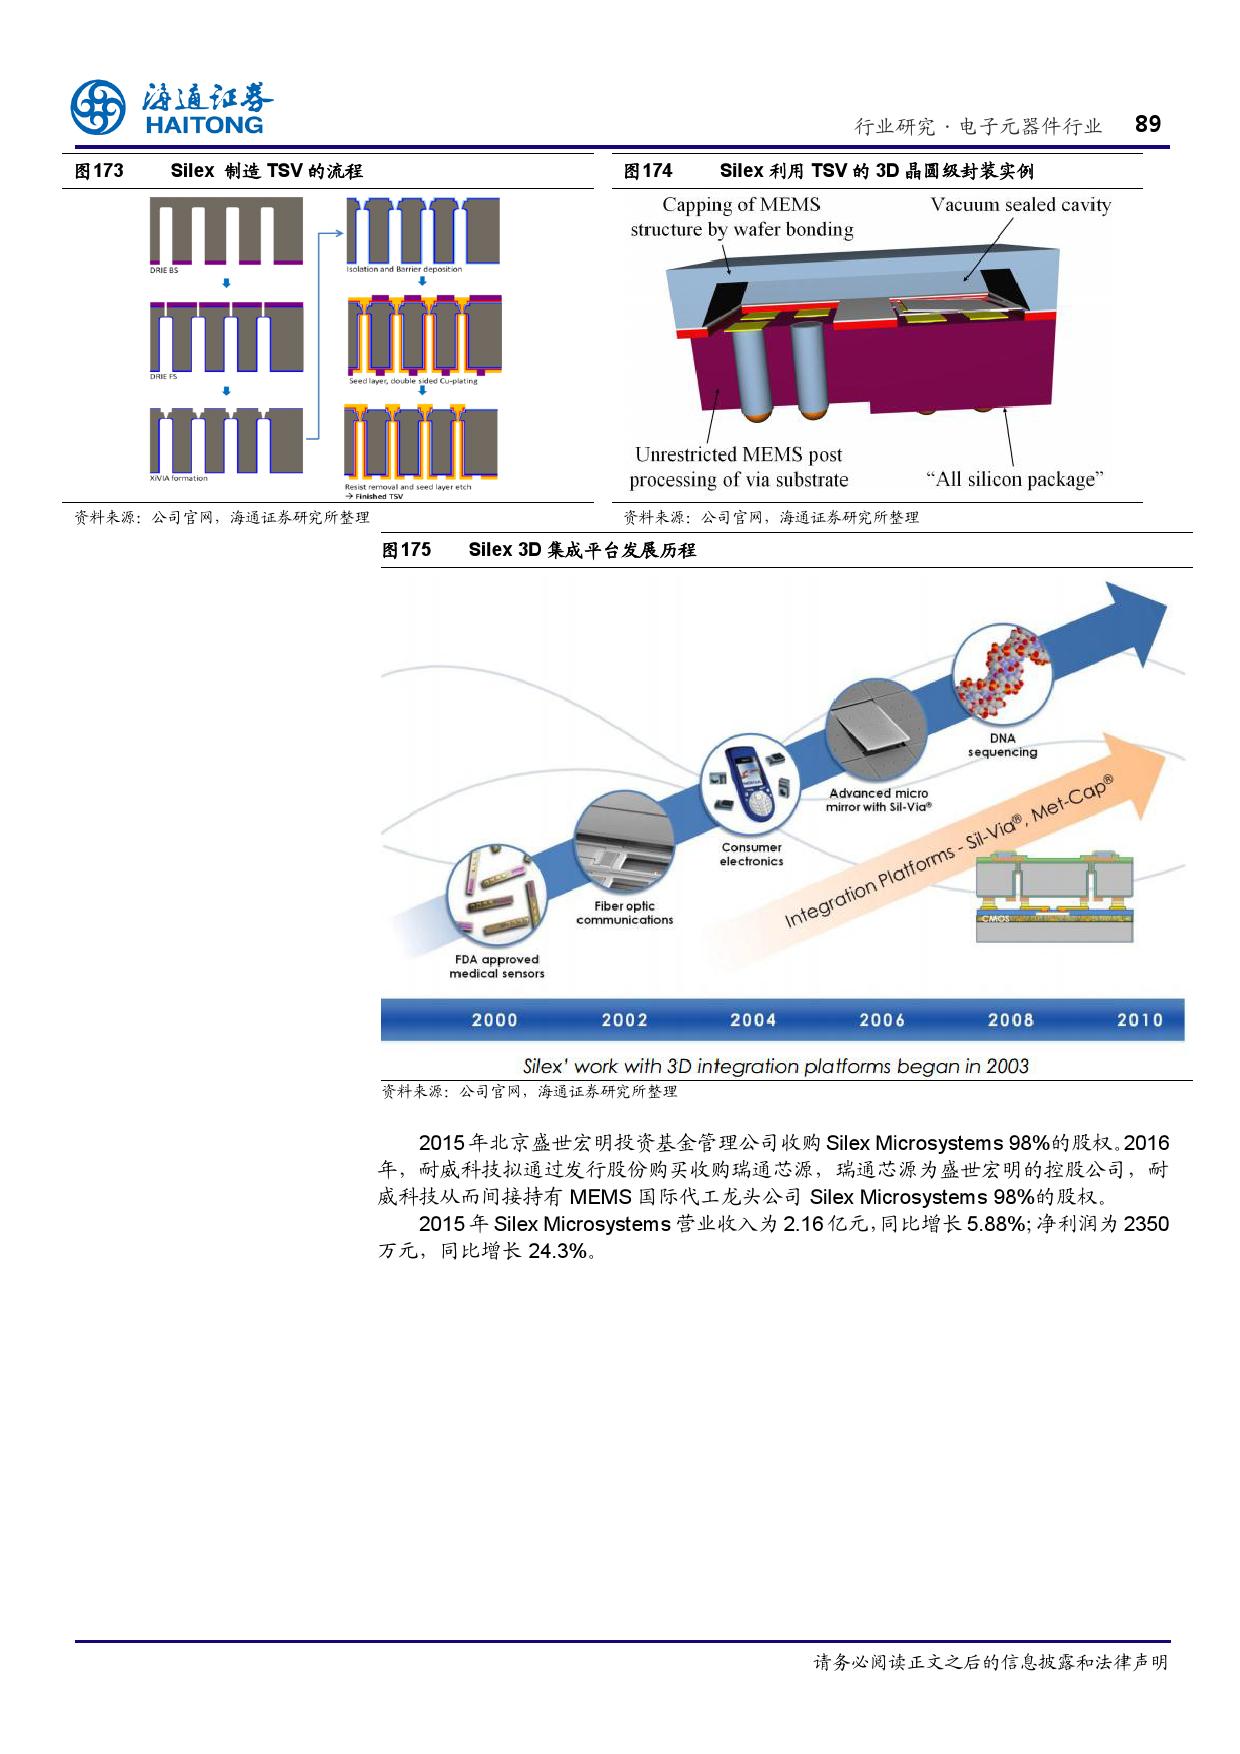 报告全解传感器全球产业链_000089